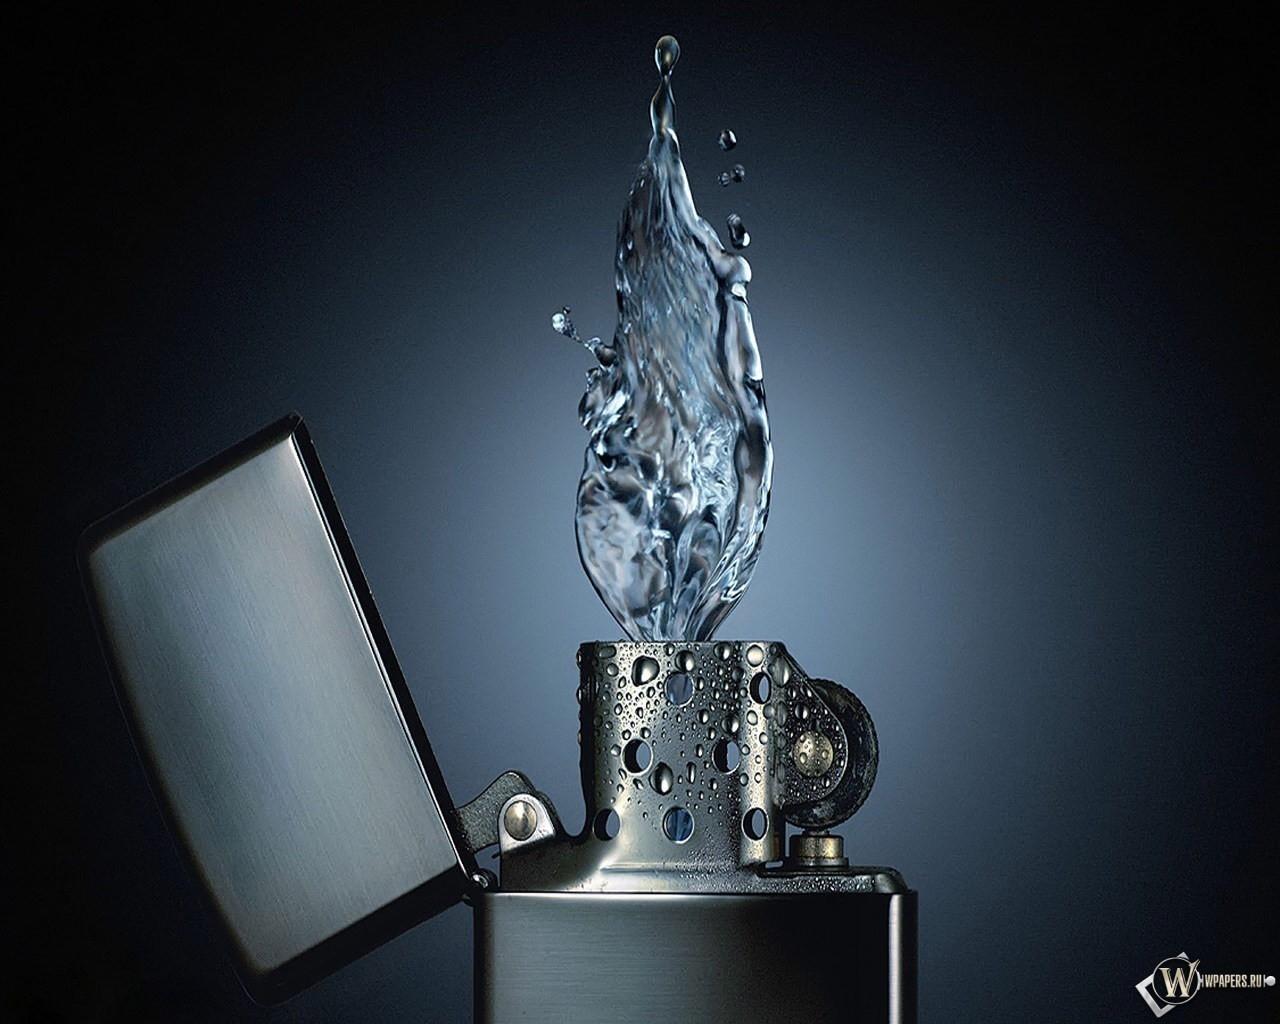 Вода из зажигалки 1280x1024